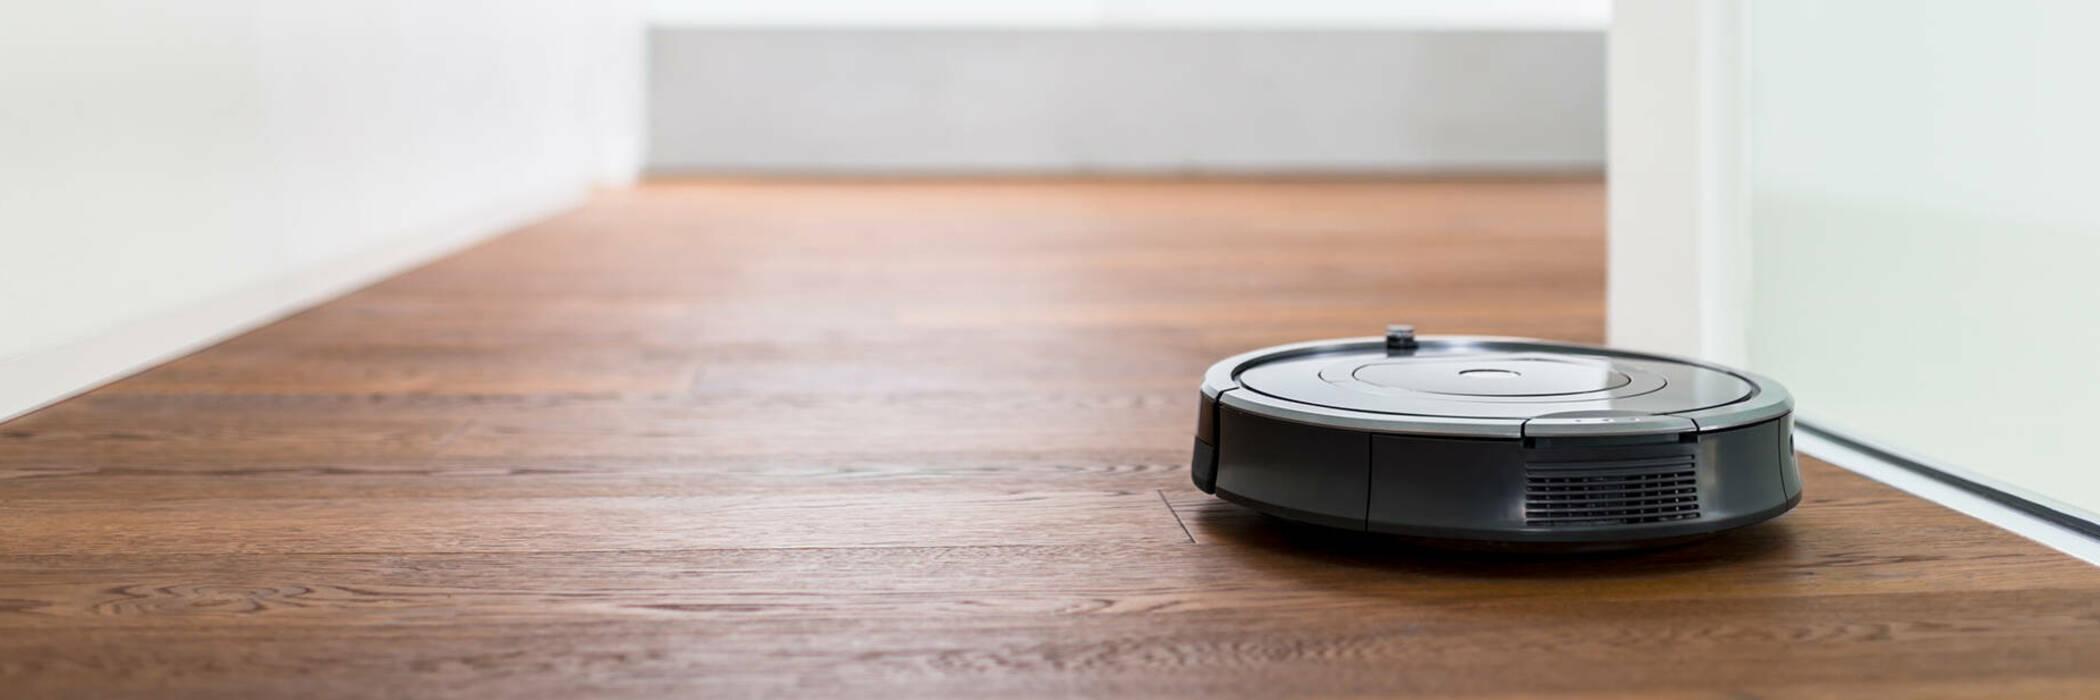 Robot vacuum cleaner in hallway